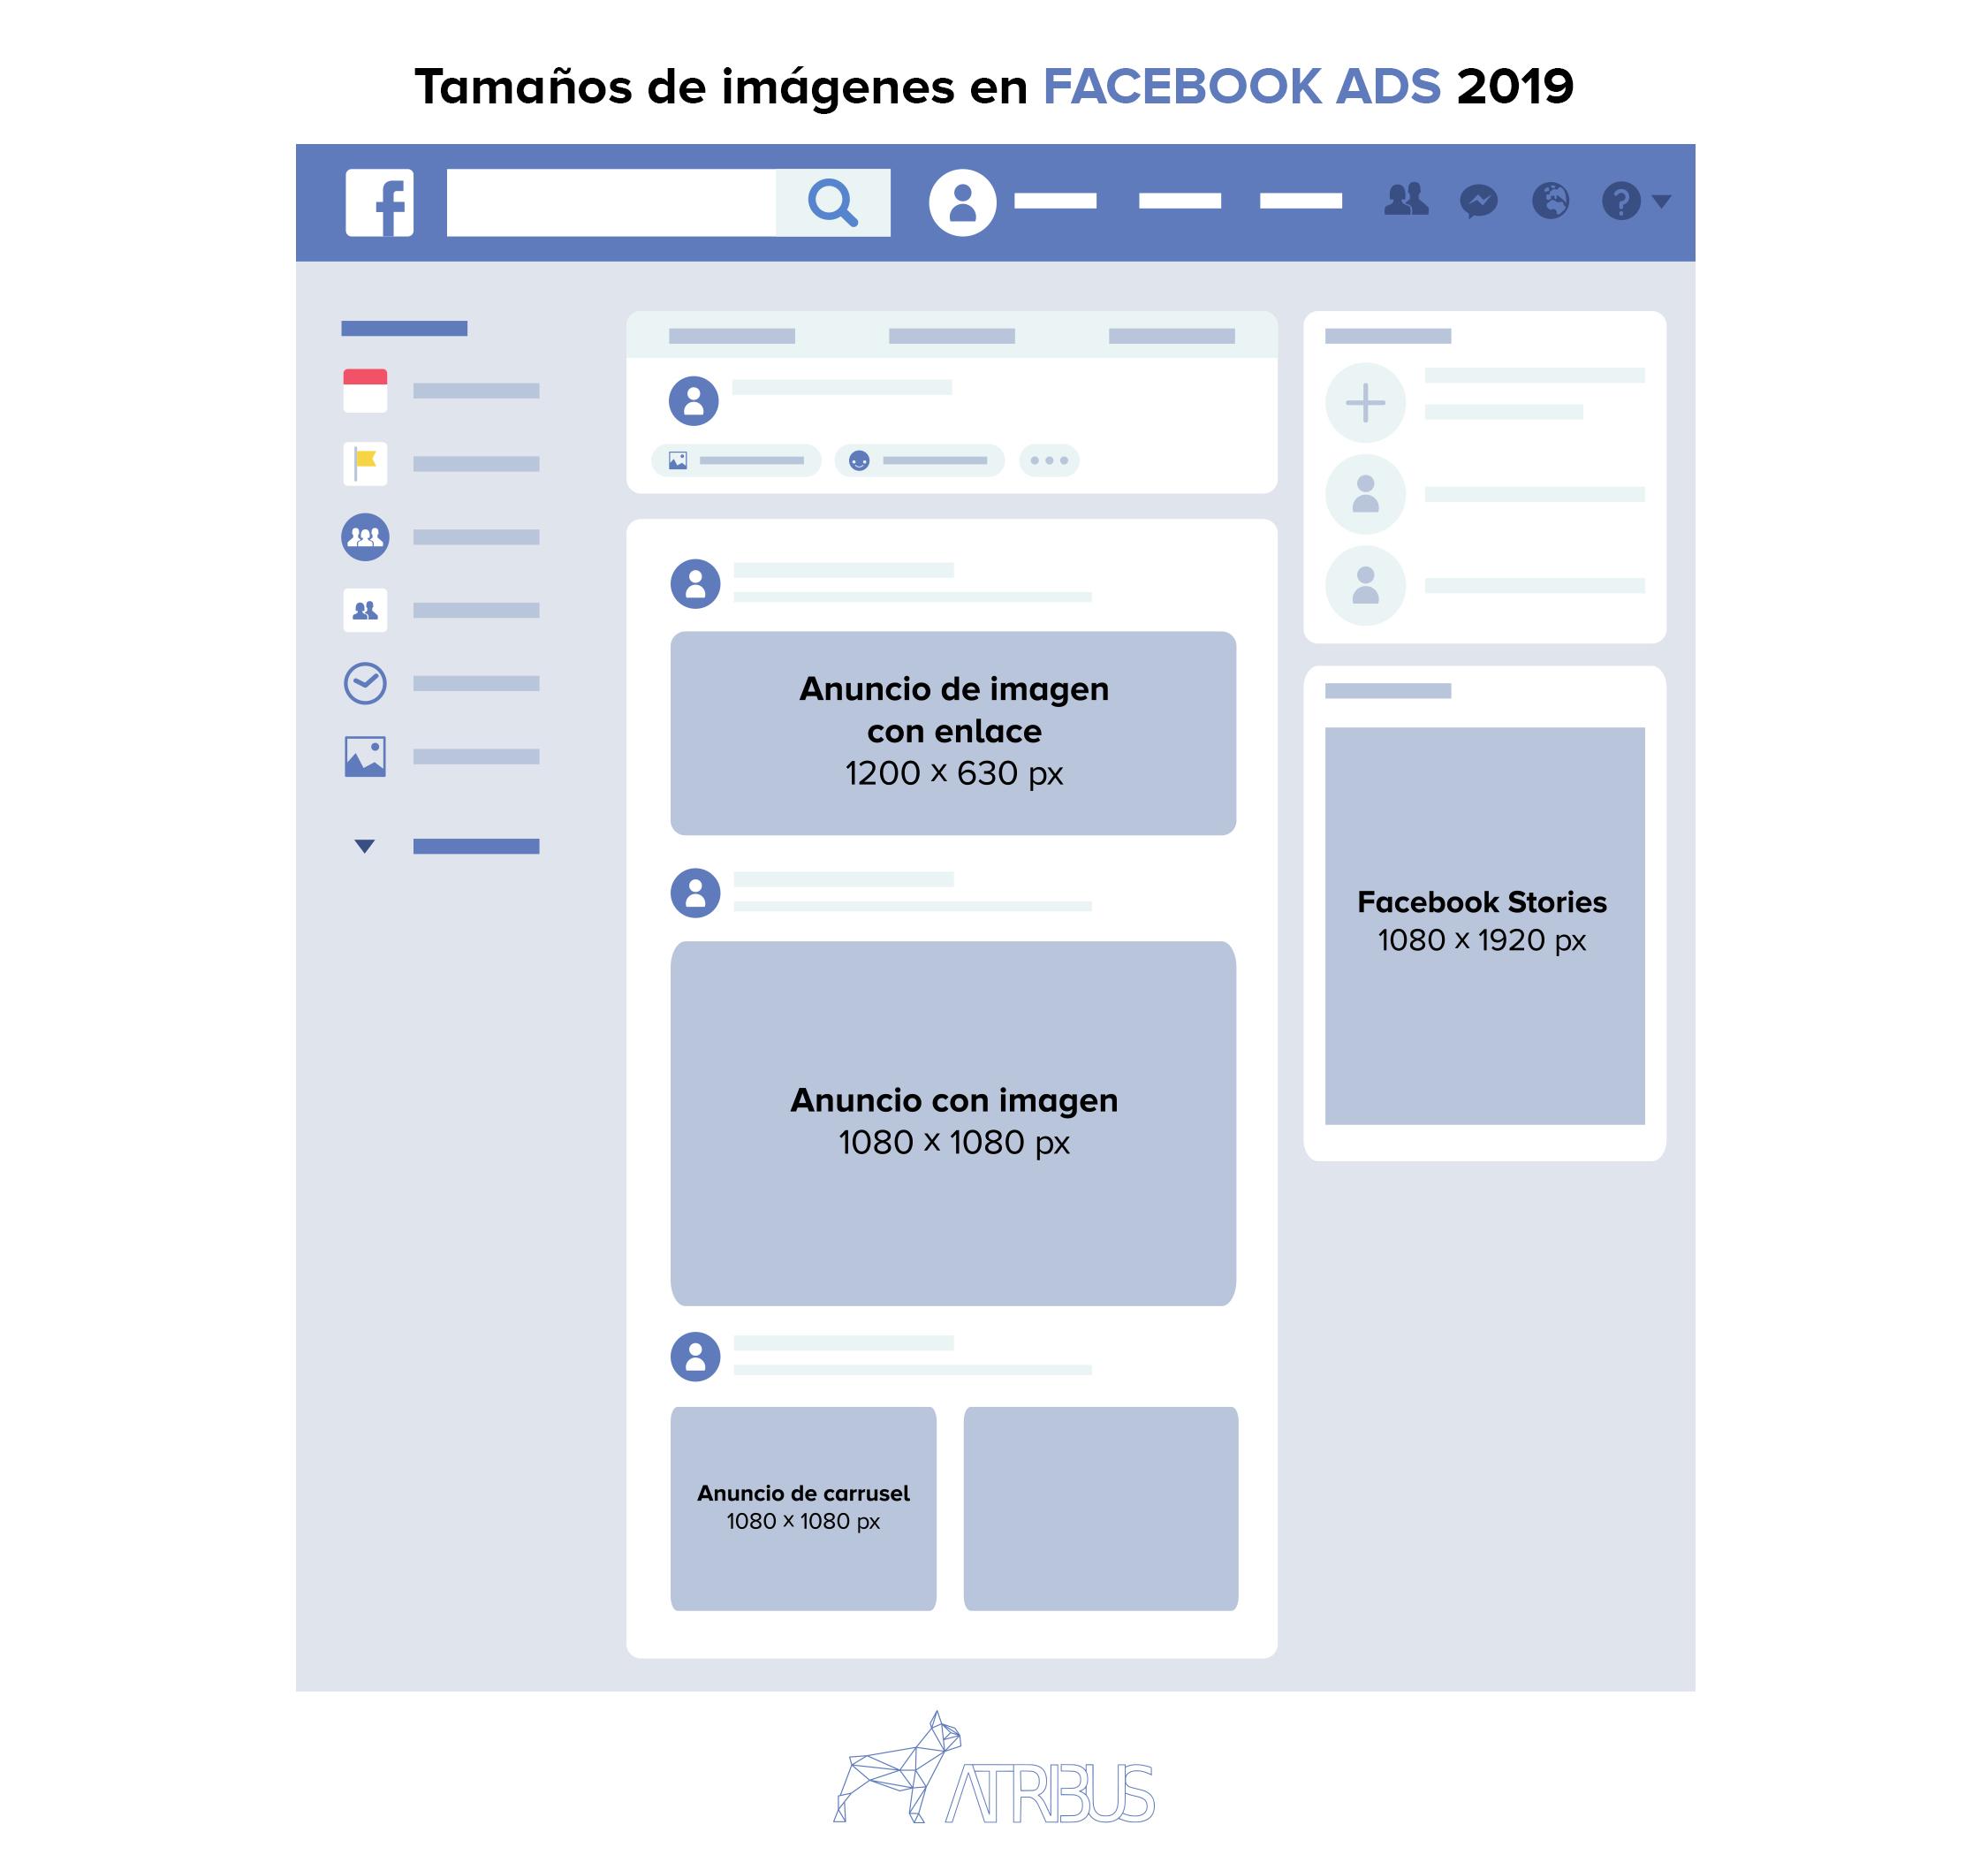 Guí tamaño de imágenes en Facebook Ads 2019